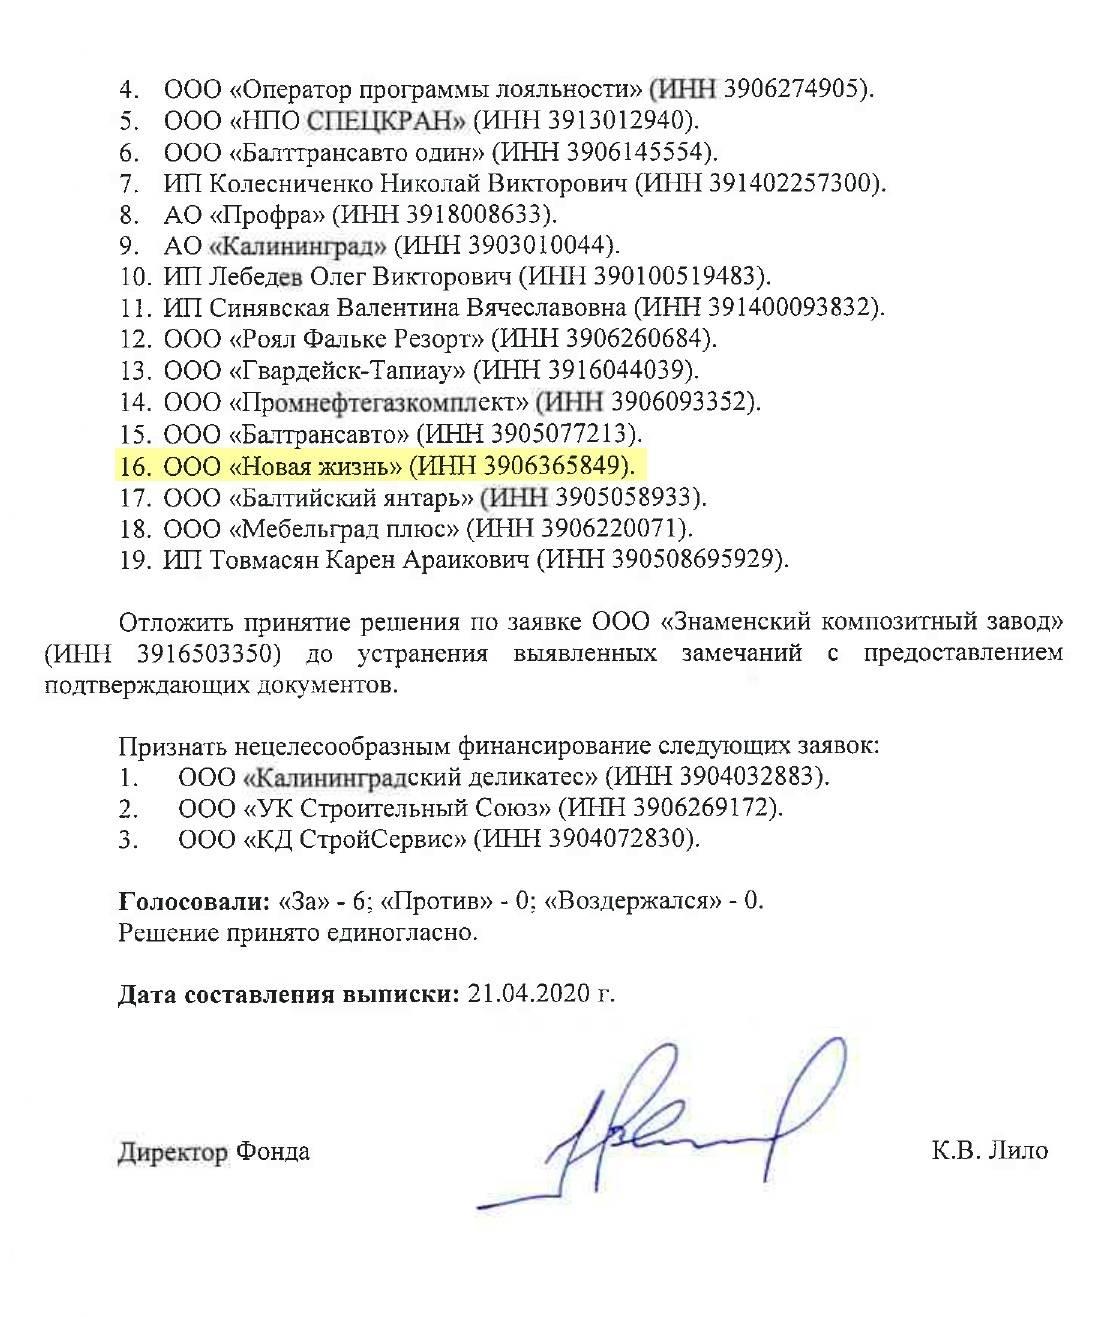 Выписка из протокола № 27/2020 заседания наблюдательного совета Фонда поддержки предпринимателей Калининграда. Трем компаниям отказали, одной пришлось подавать документы заново